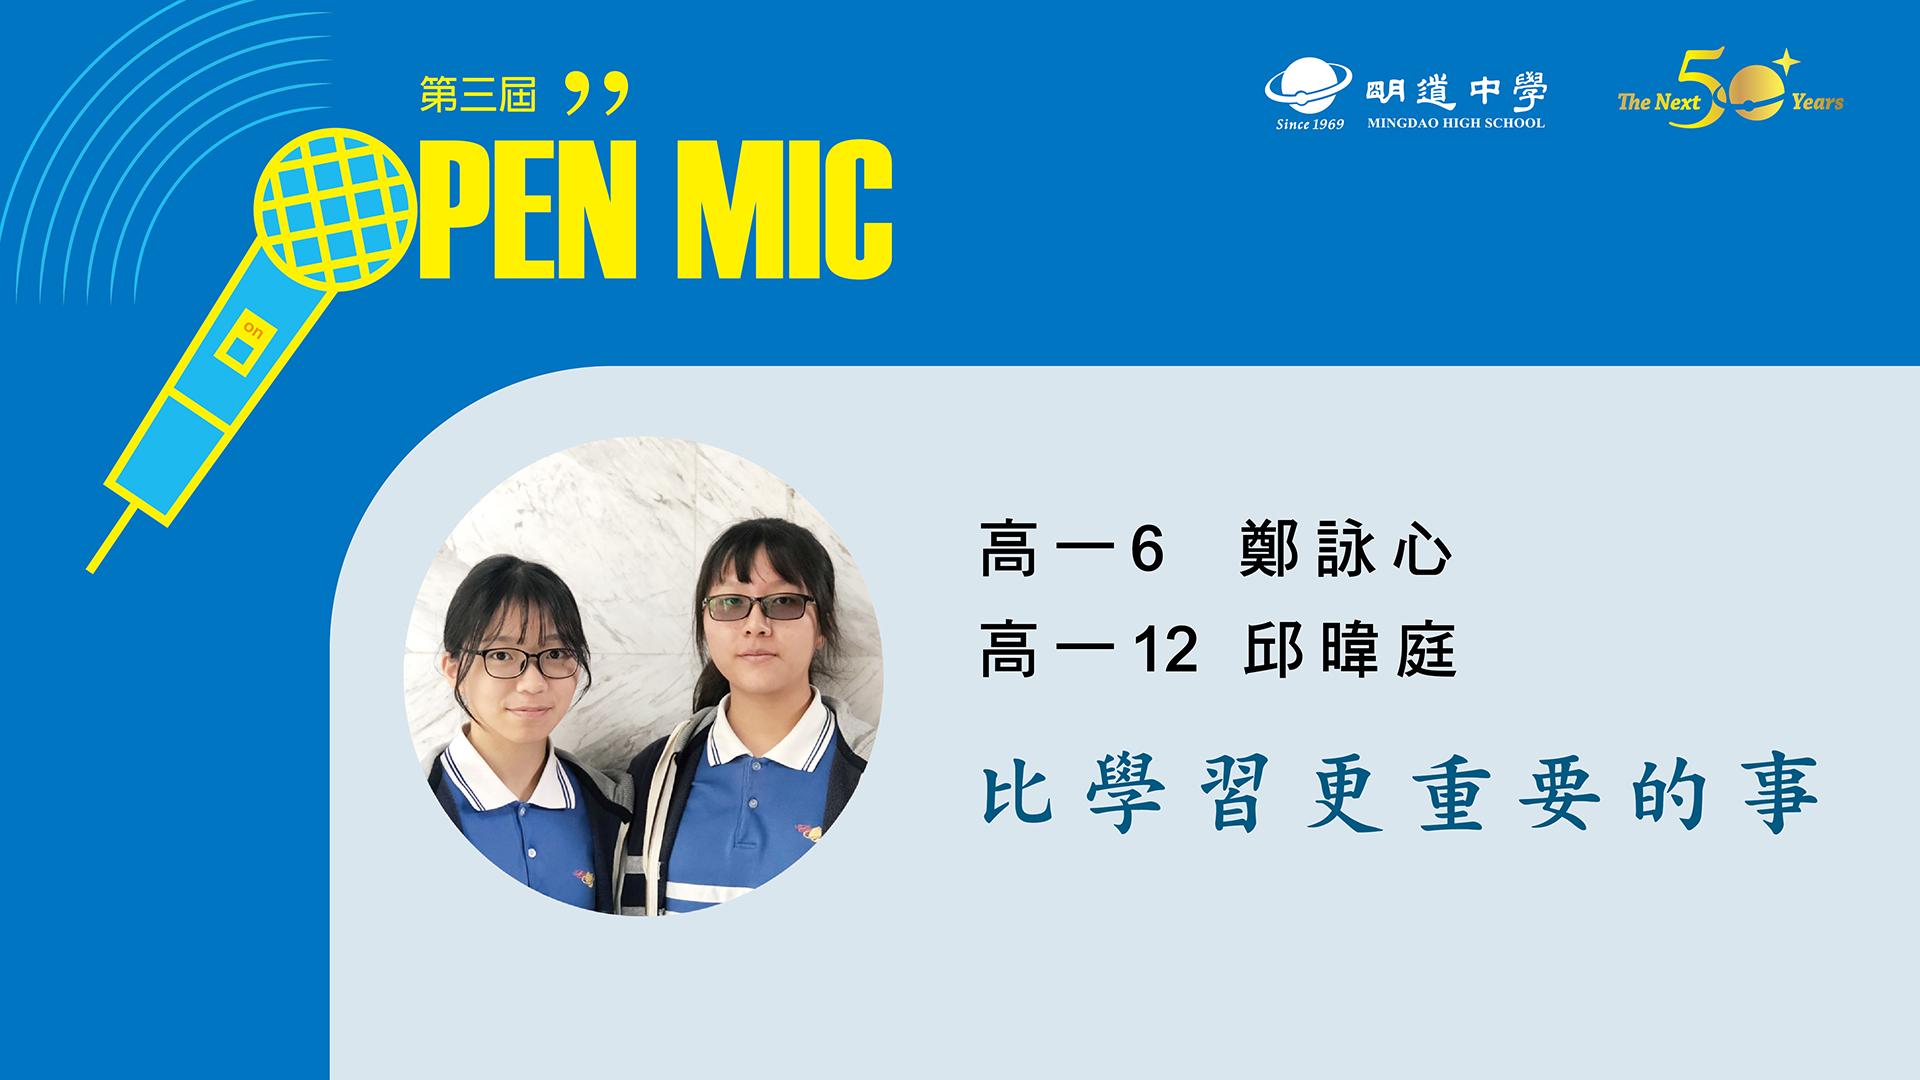 OPEN MIC III 【比學習更重要的事】